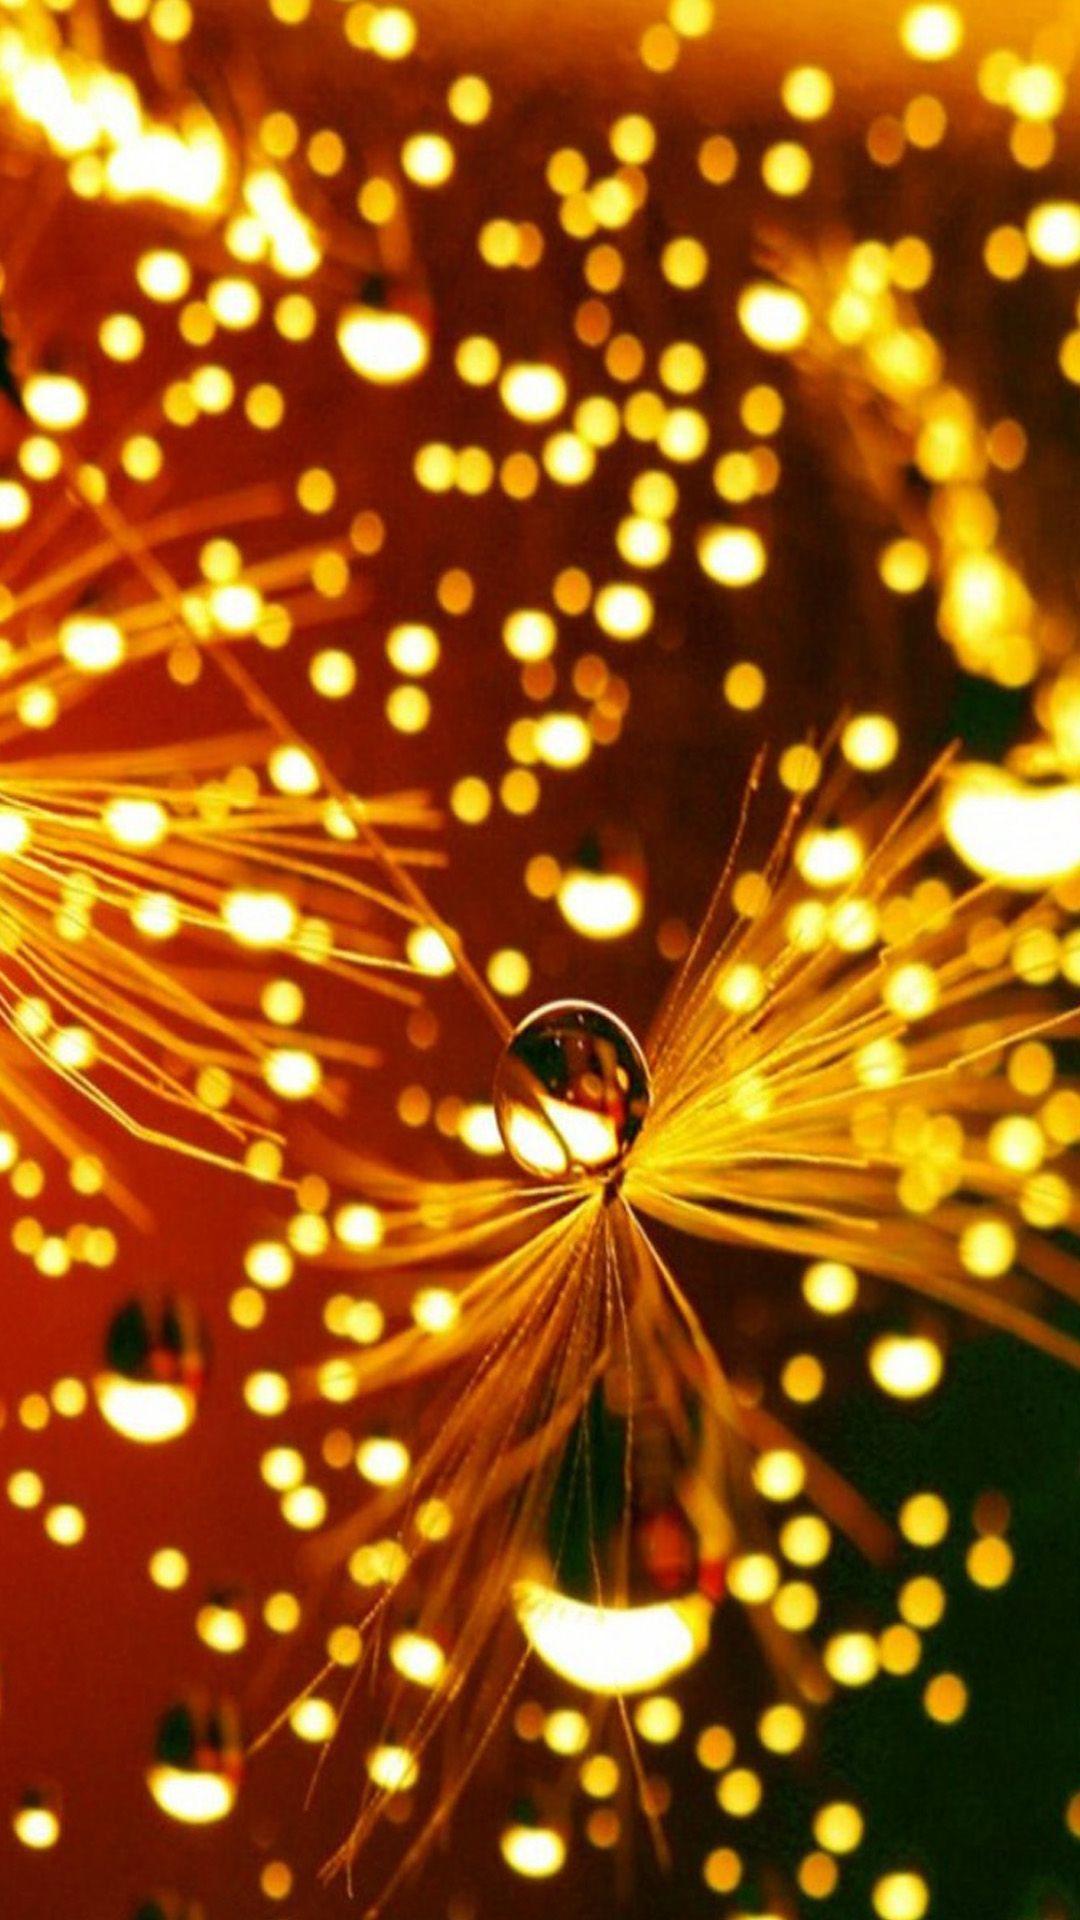 Christmas Lights Phone Wallpapers , Top Free Christmas